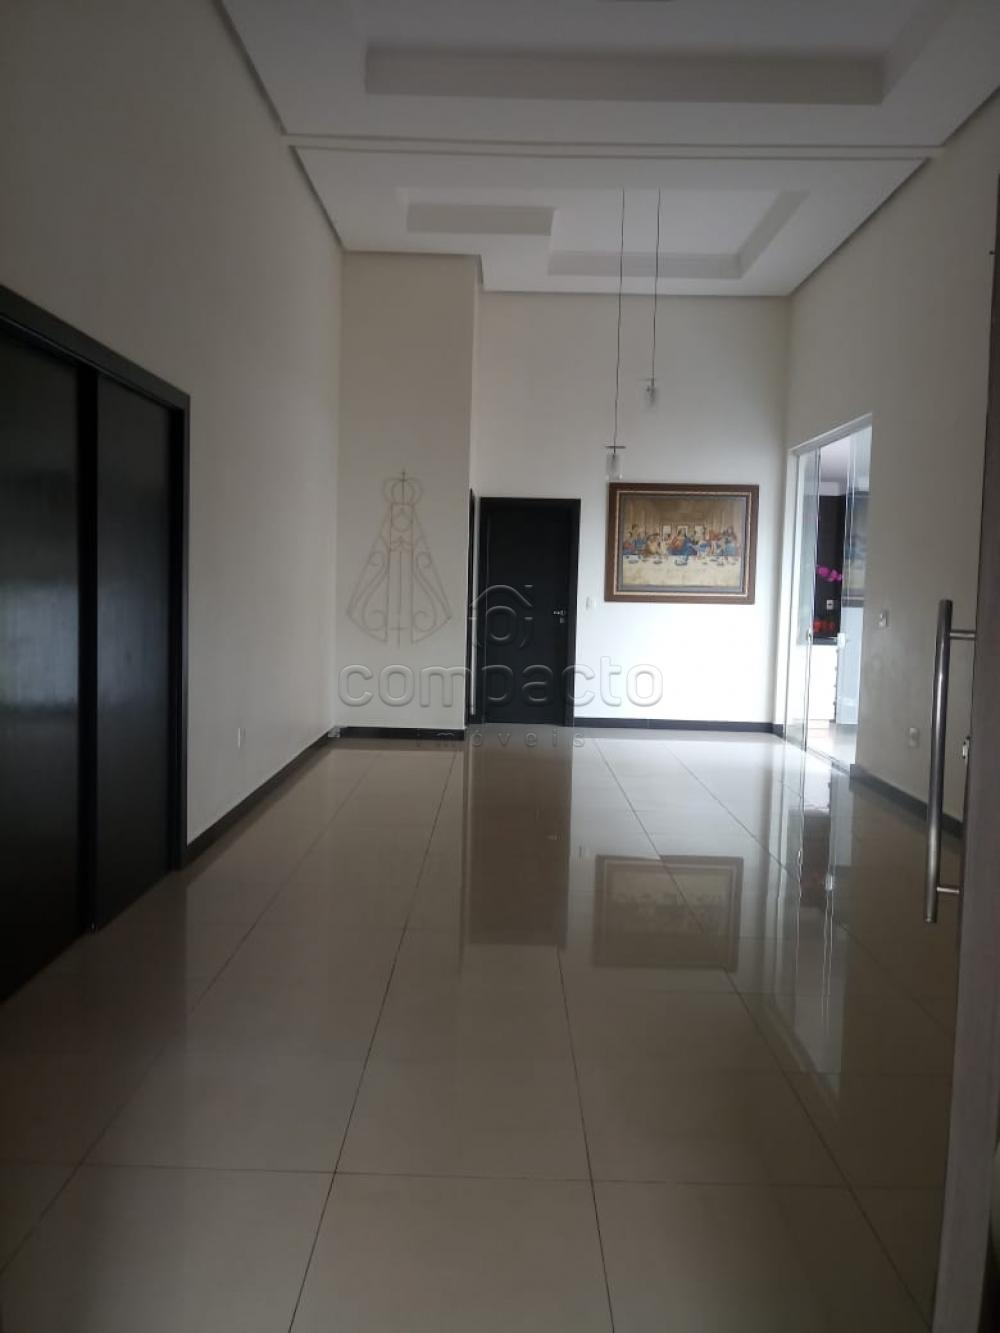 Comprar Casa / Condomínio em São José do Rio Preto apenas R$ 780.000,00 - Foto 3